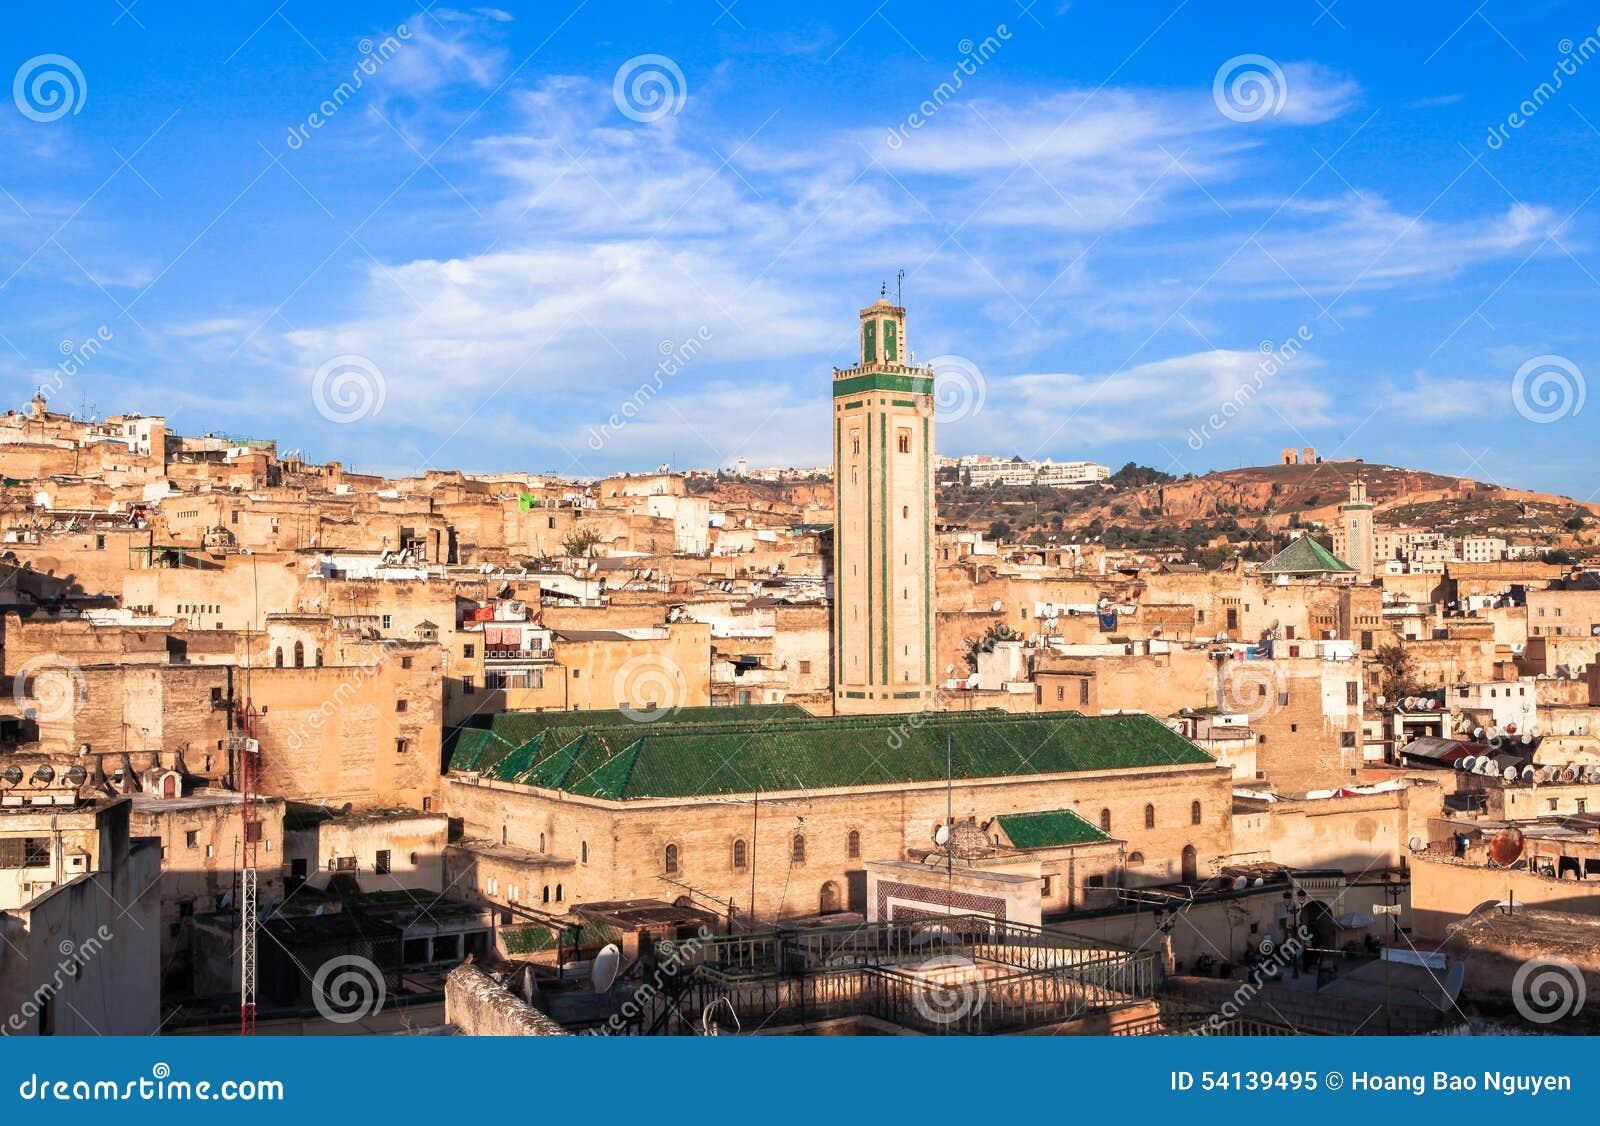 medina of fez in morocco stock photo